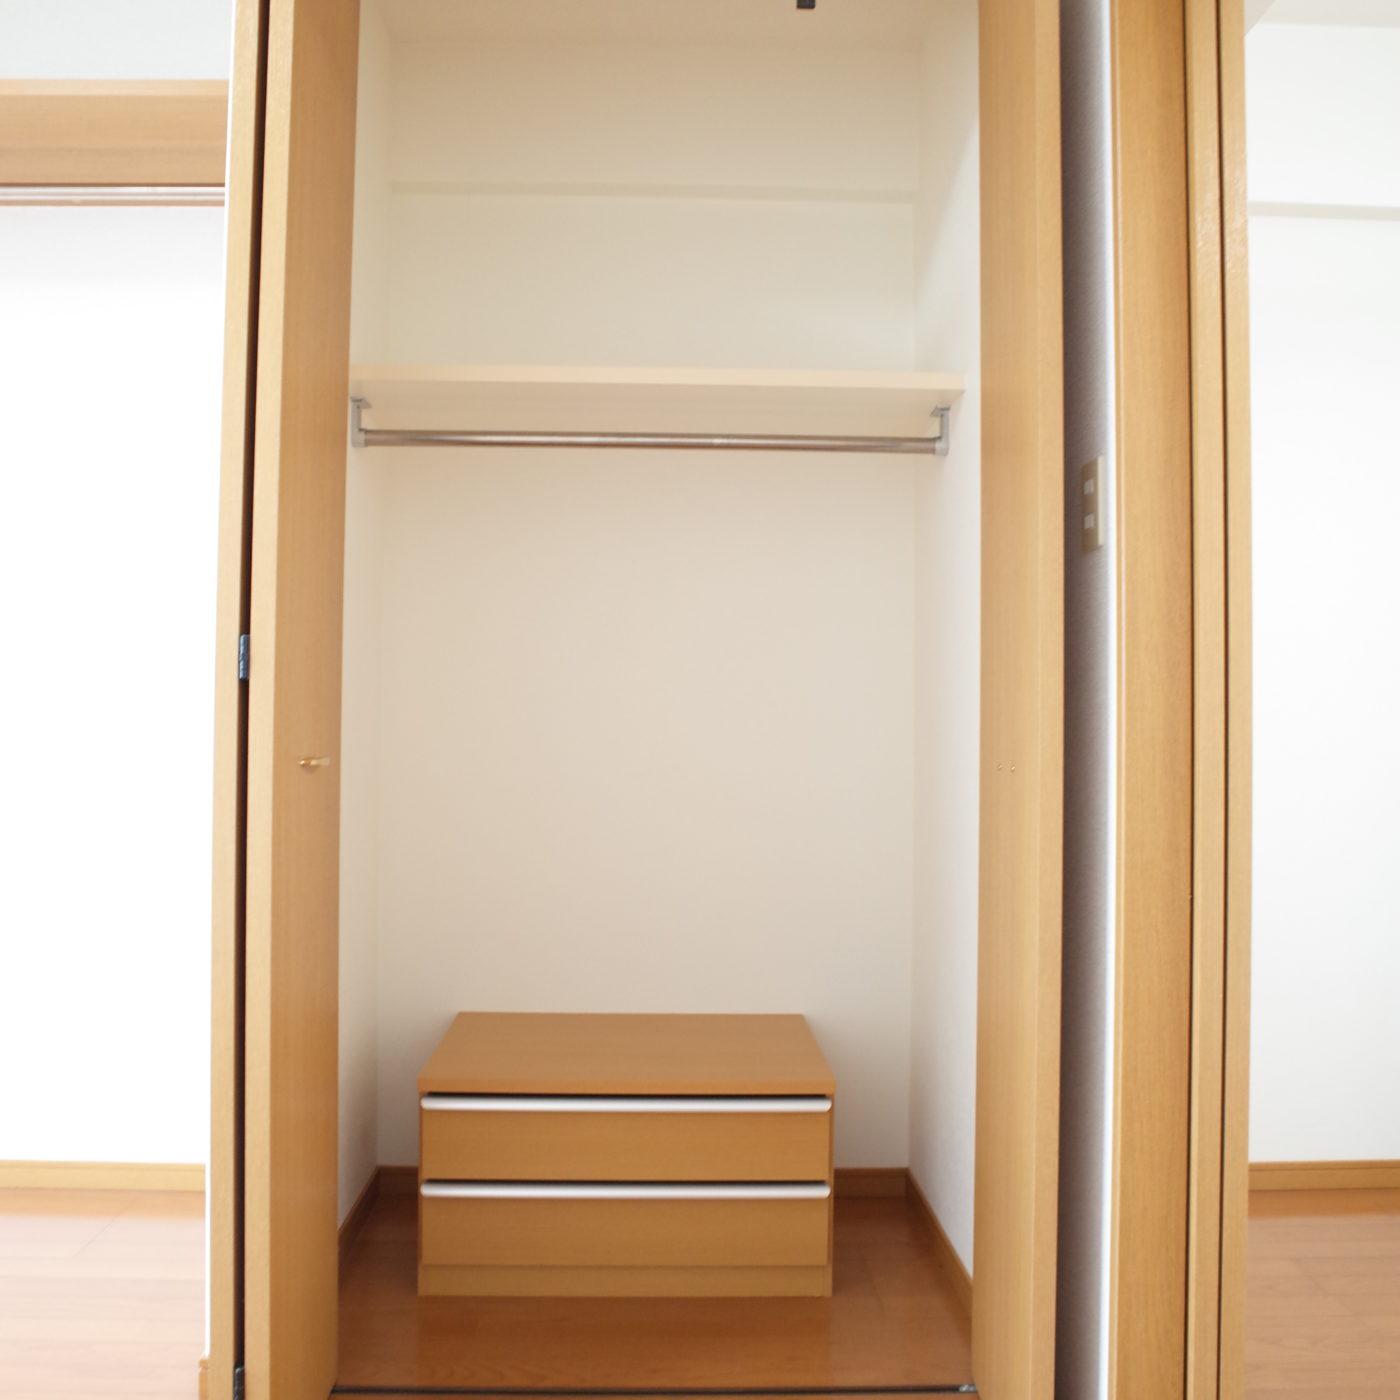 九州大学 伊都 学生 専用 ホワイトマンション高田 Aタイプ 内観